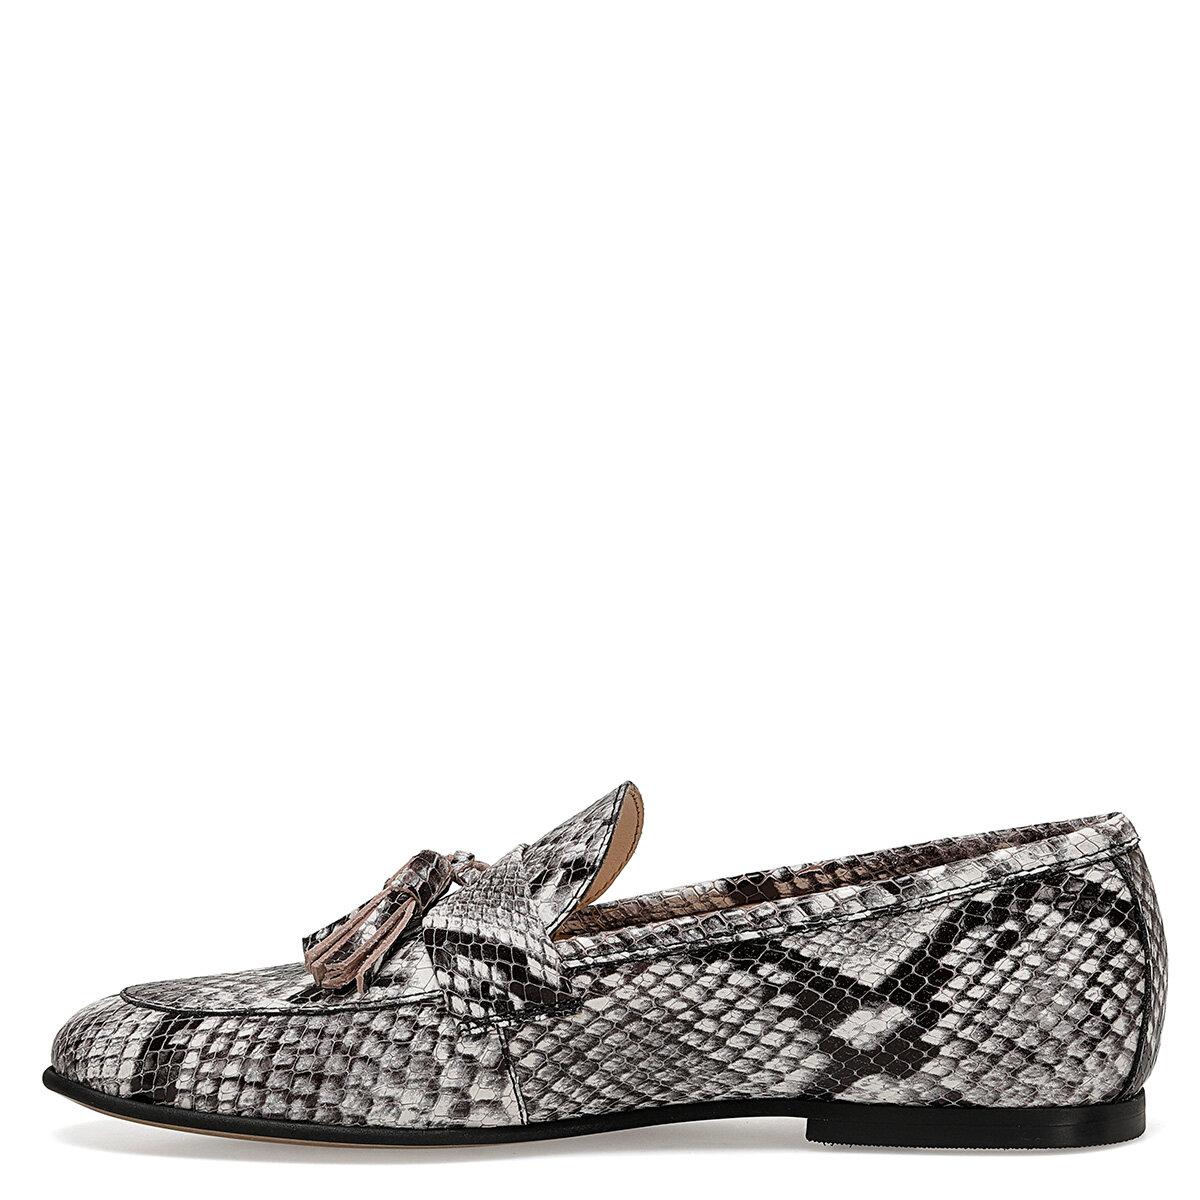 GILBERT Gri Kadın Loafer Ayakkabı